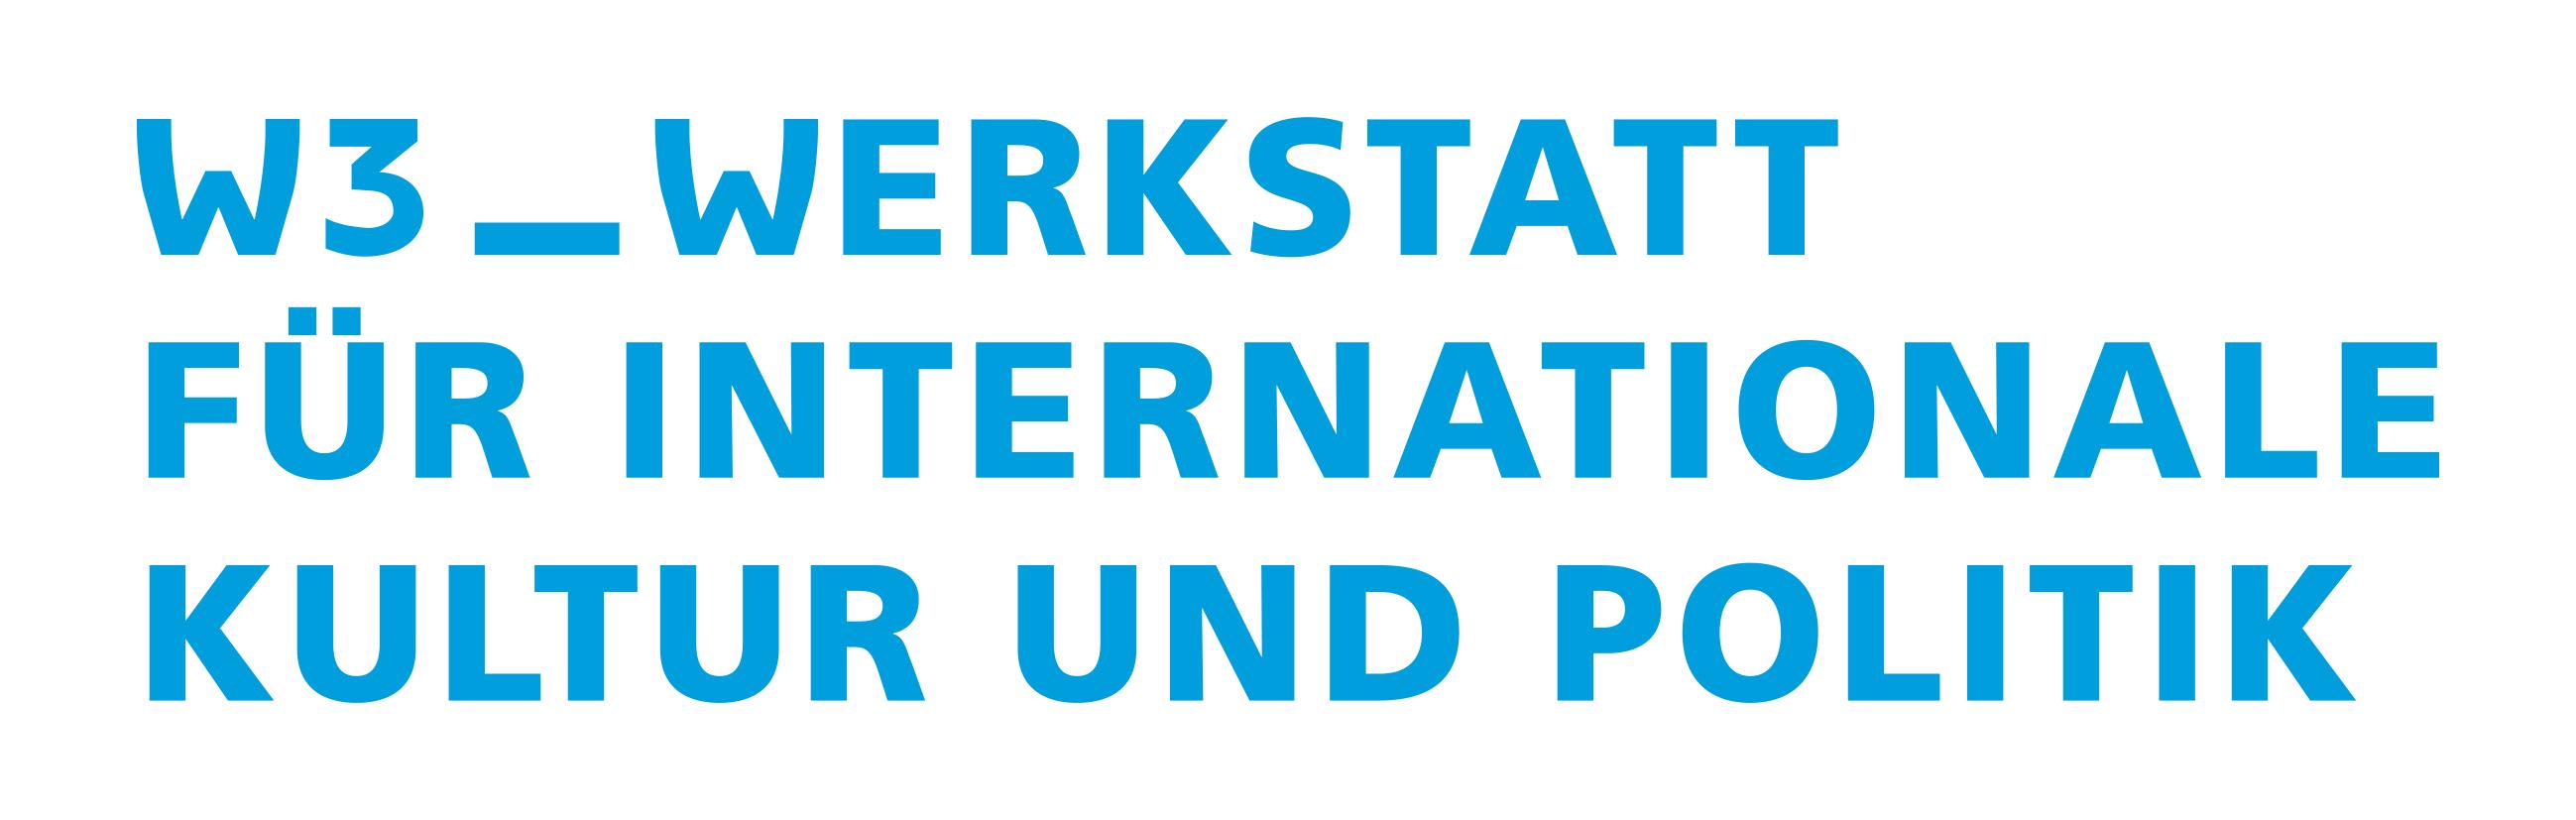 W3-Werkstatt für Internationale Kult